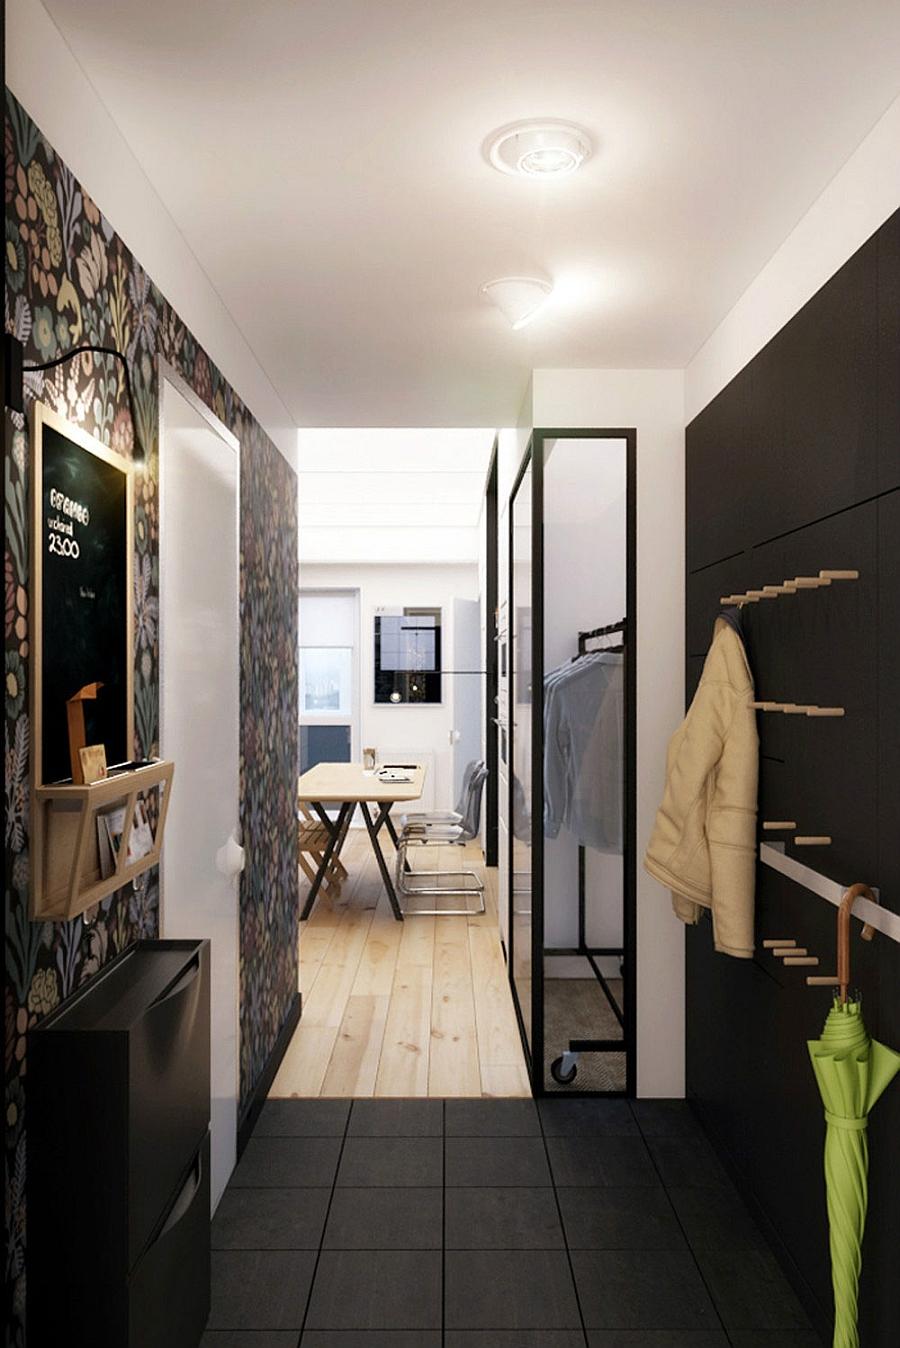 Small entryway clad in black